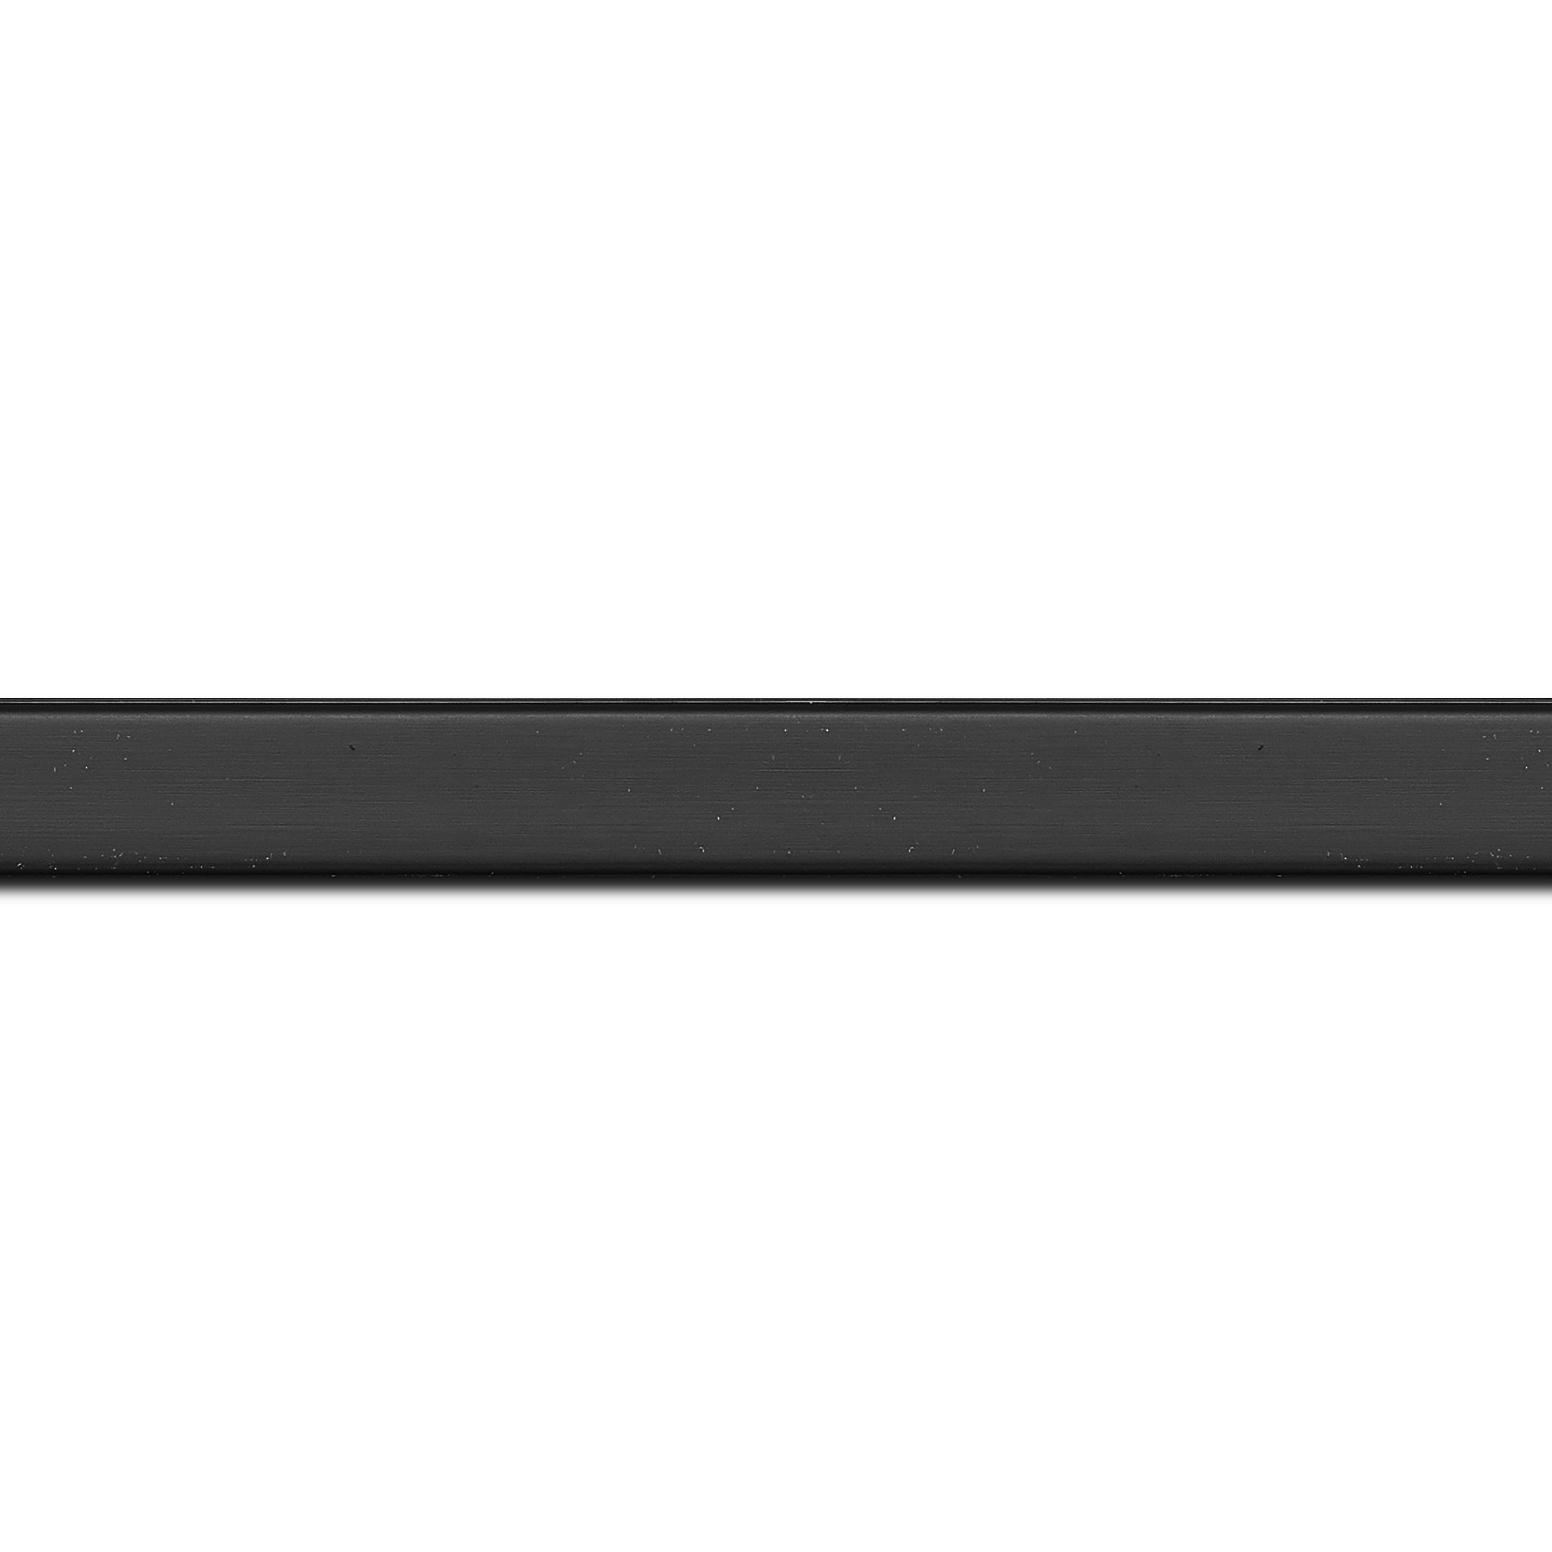 Baguette longueur 1.40m bois profil plat effet cube largeur 1.7cm couleur noir mat finition pore bouché